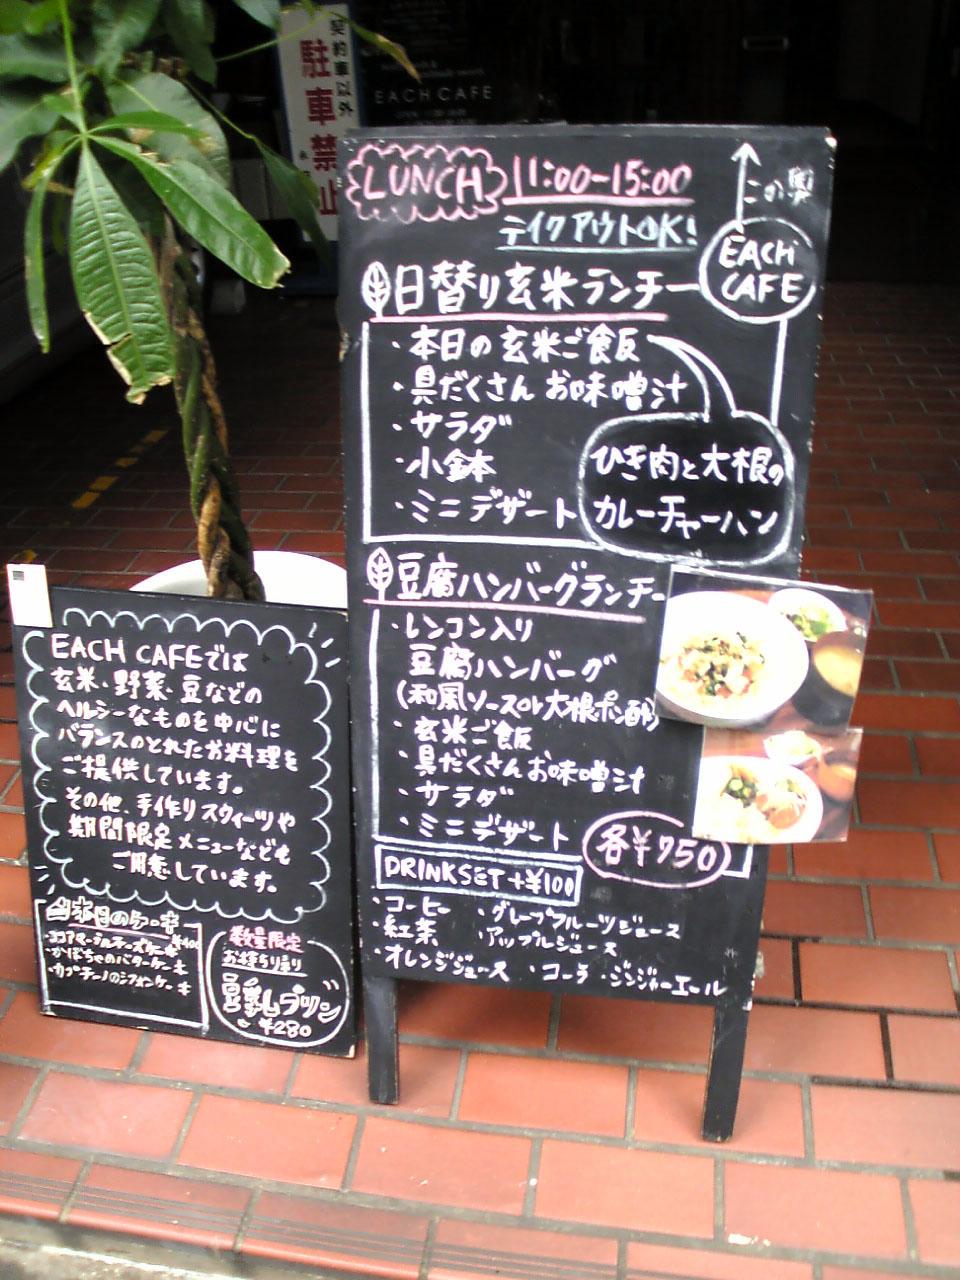 EACH CAFE